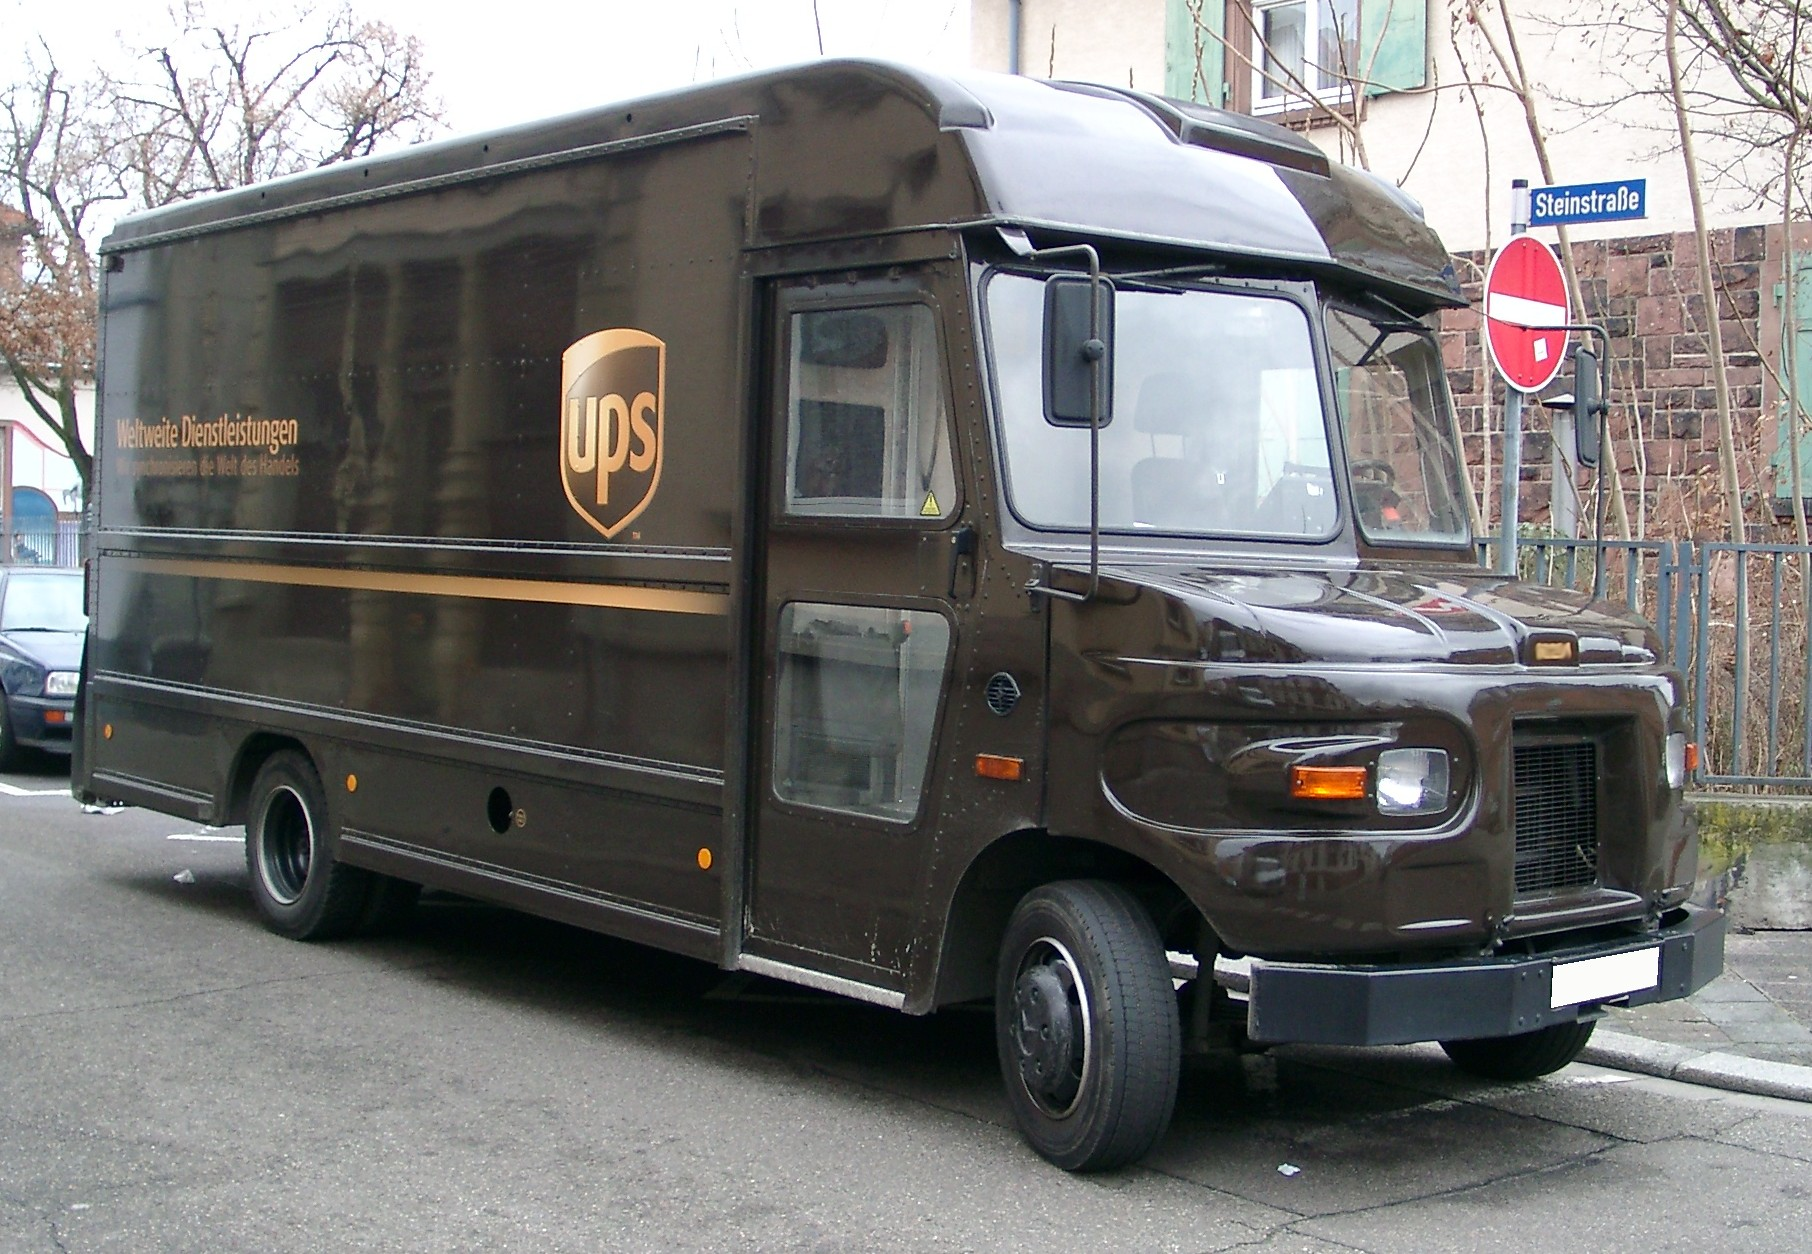 Historia de UPS